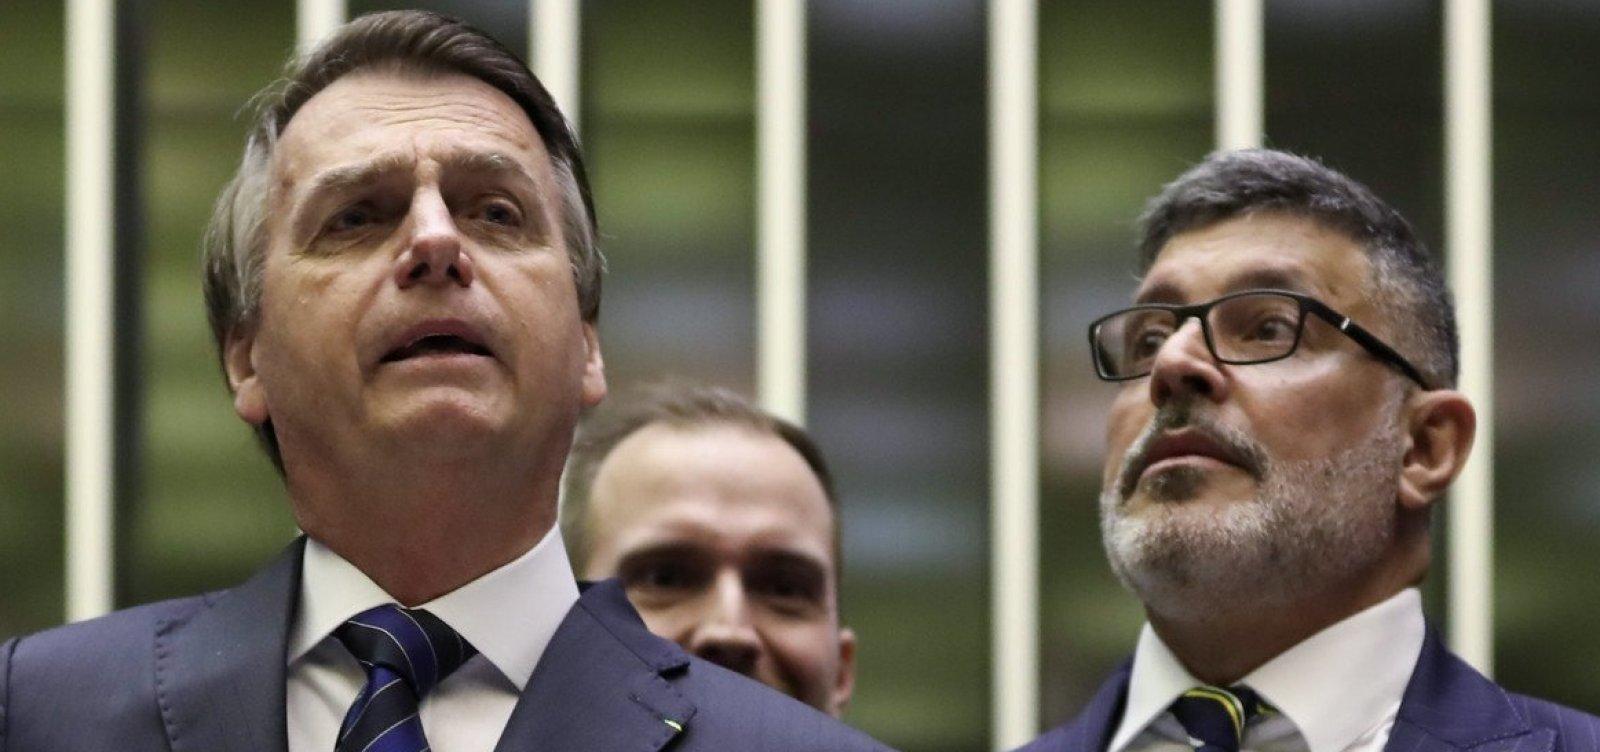 'Me perguntou se o príncipe era gay', diz Frota sobre desistência de Bolsonaro de tornar Luiz Philippe vice